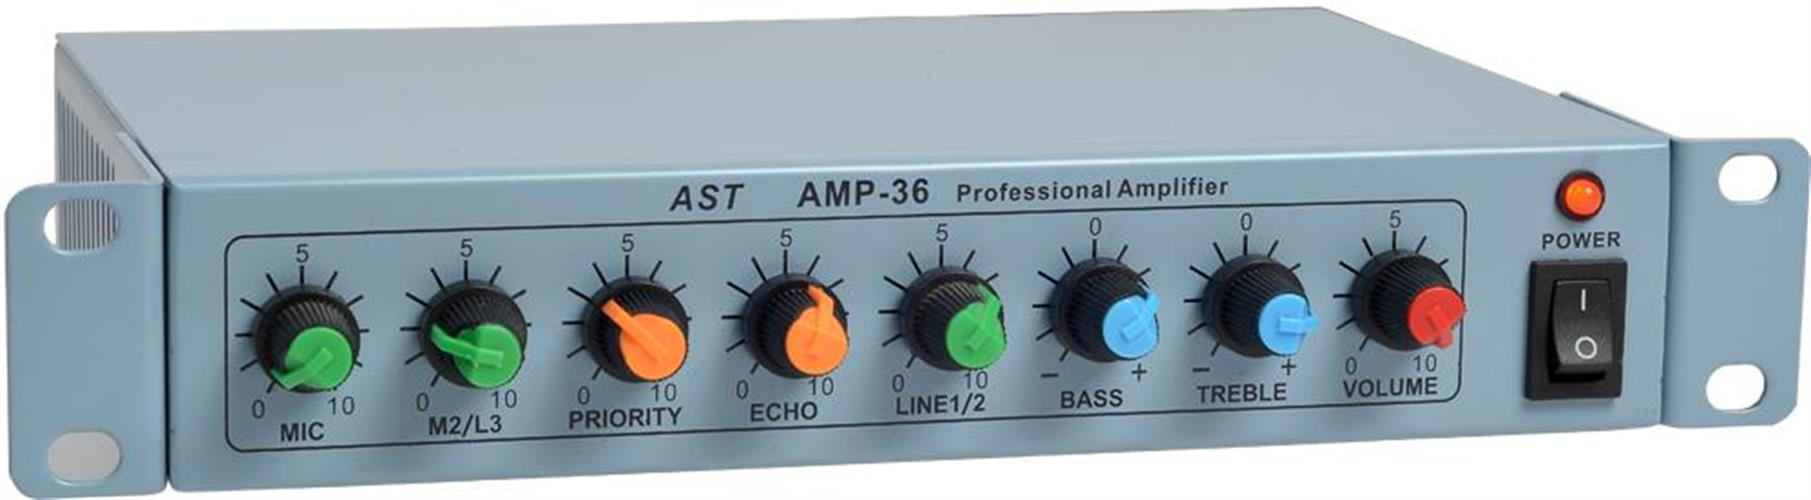 מגבר הספק AST AMP-36